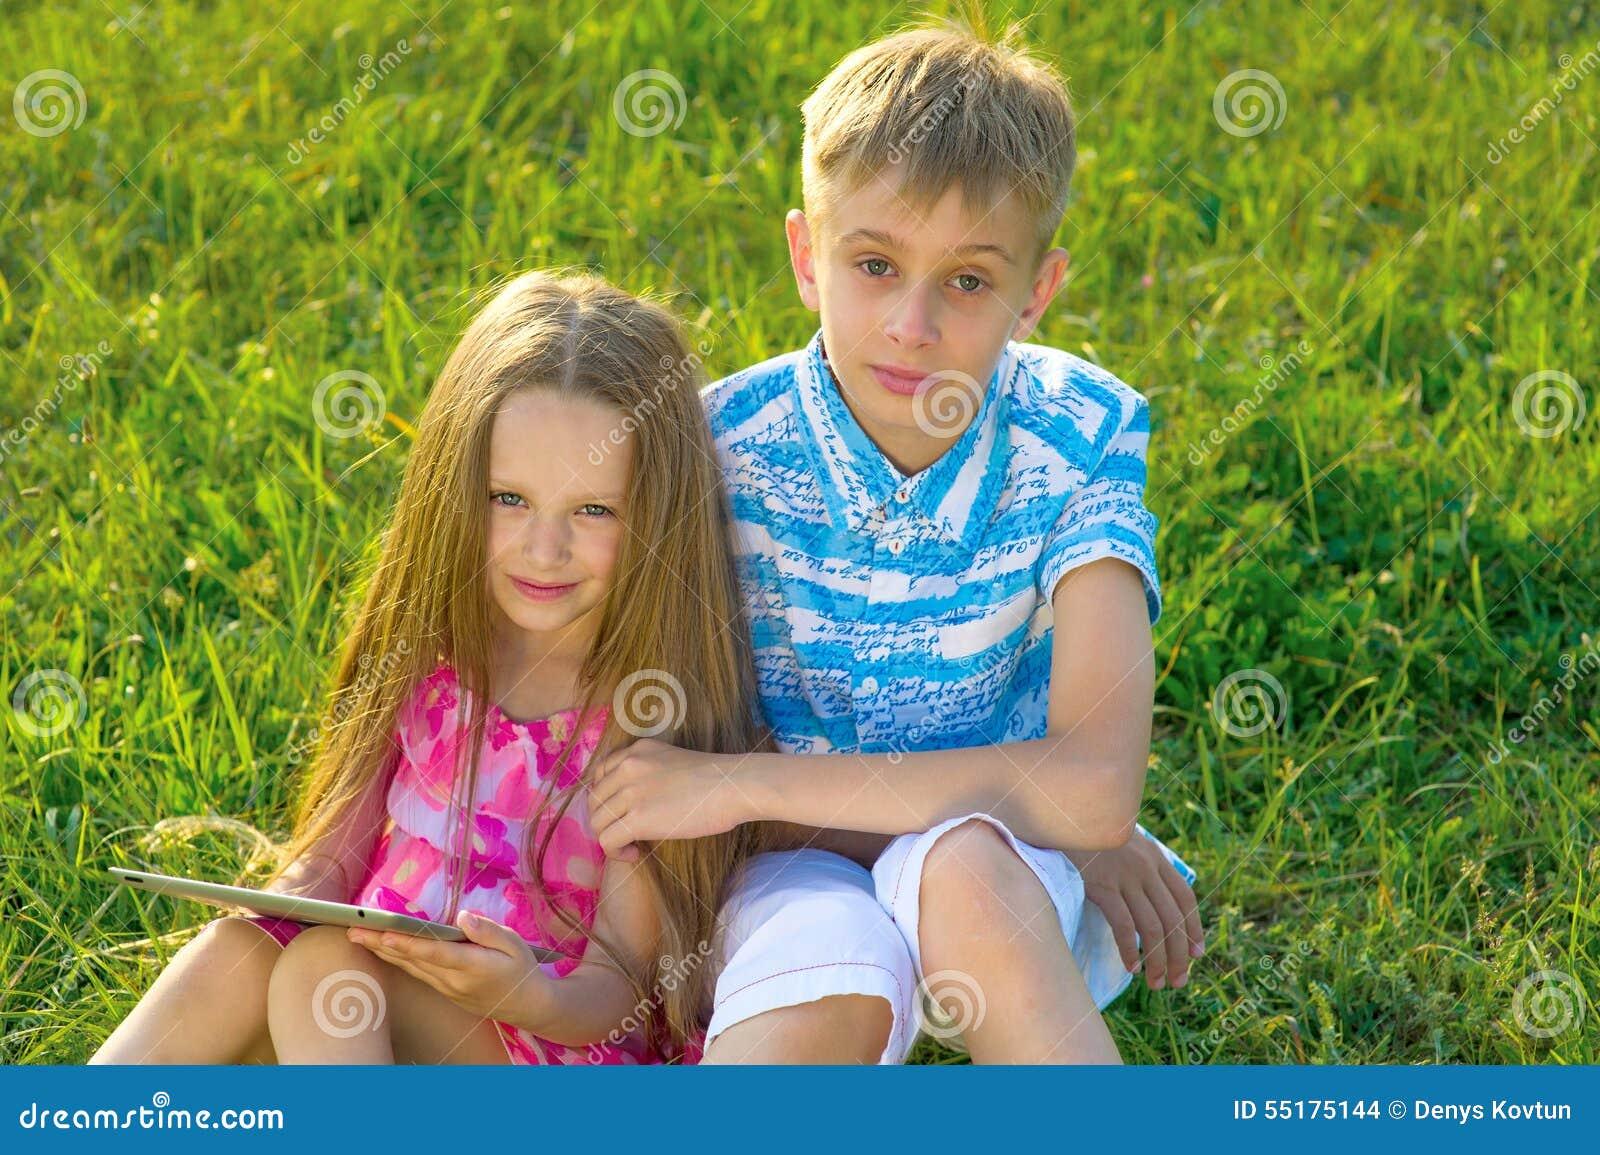 у россия сосет смотреть младшая сестра брата